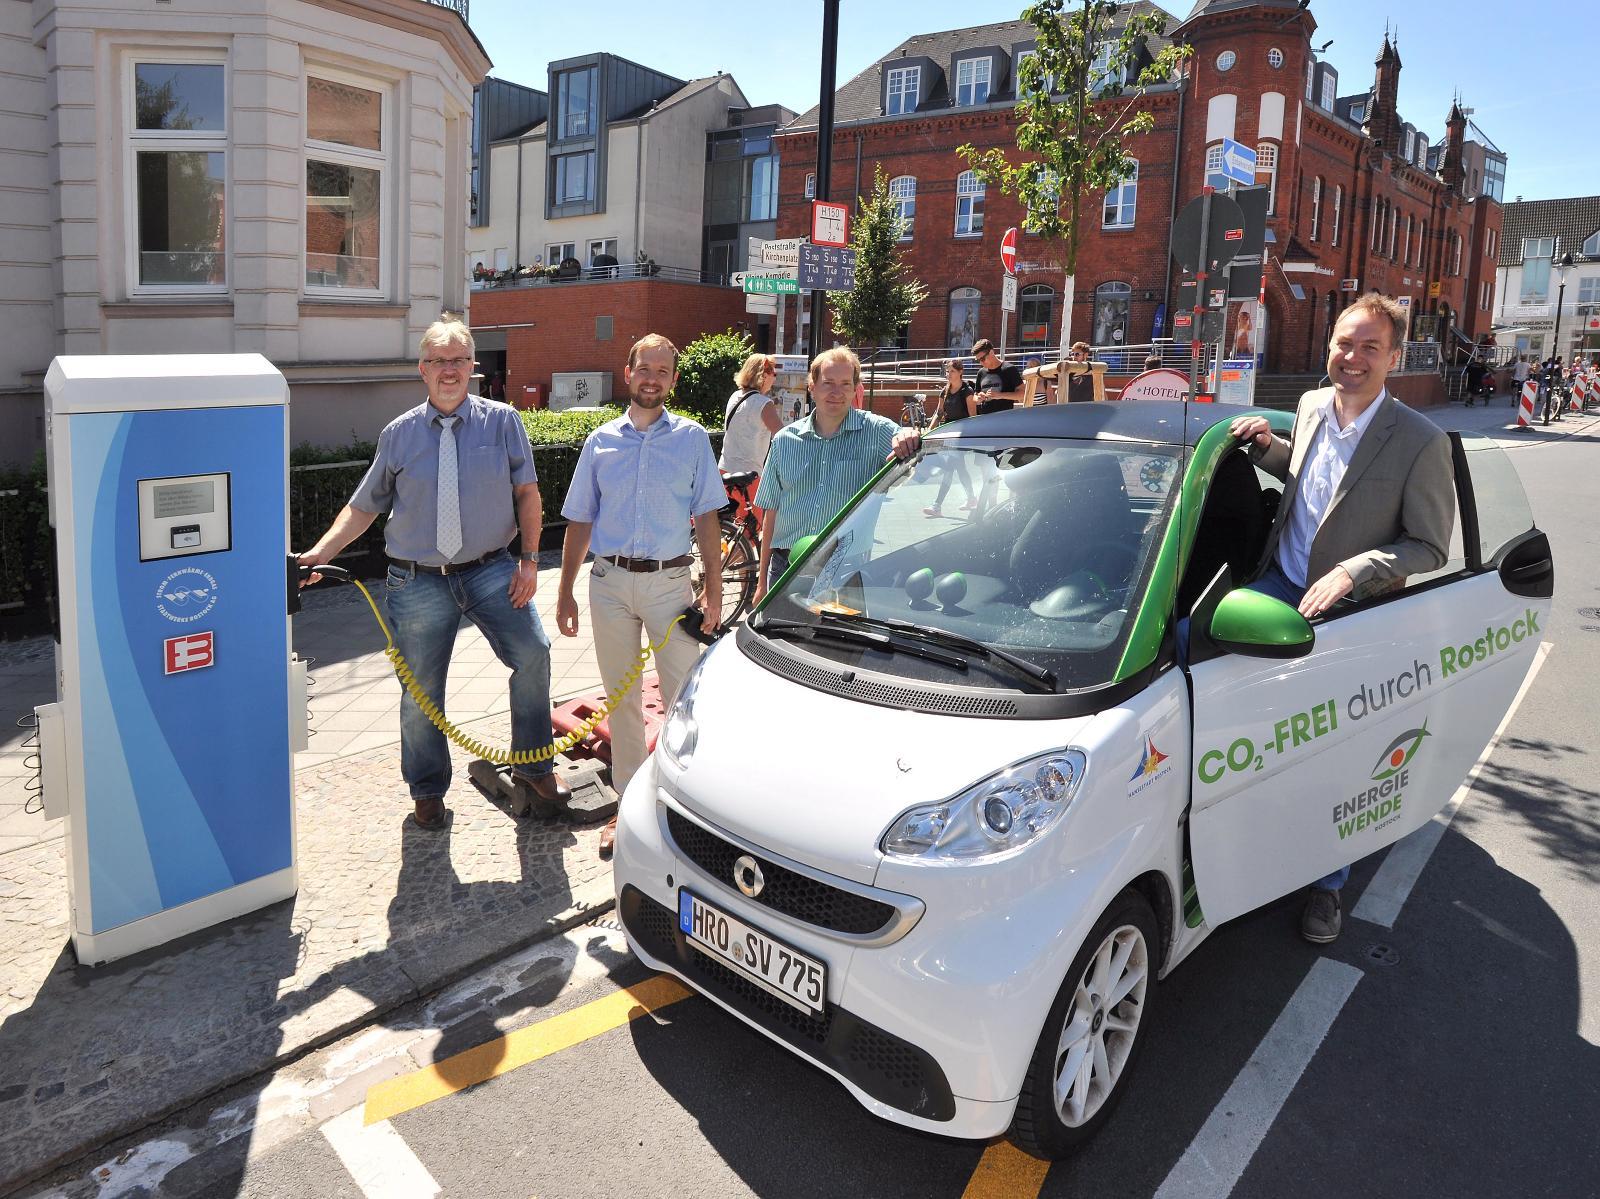 2012 - Wir errichten die ersten öffentlichen Ladestationen für Elektrofahrzeuge in Rostock